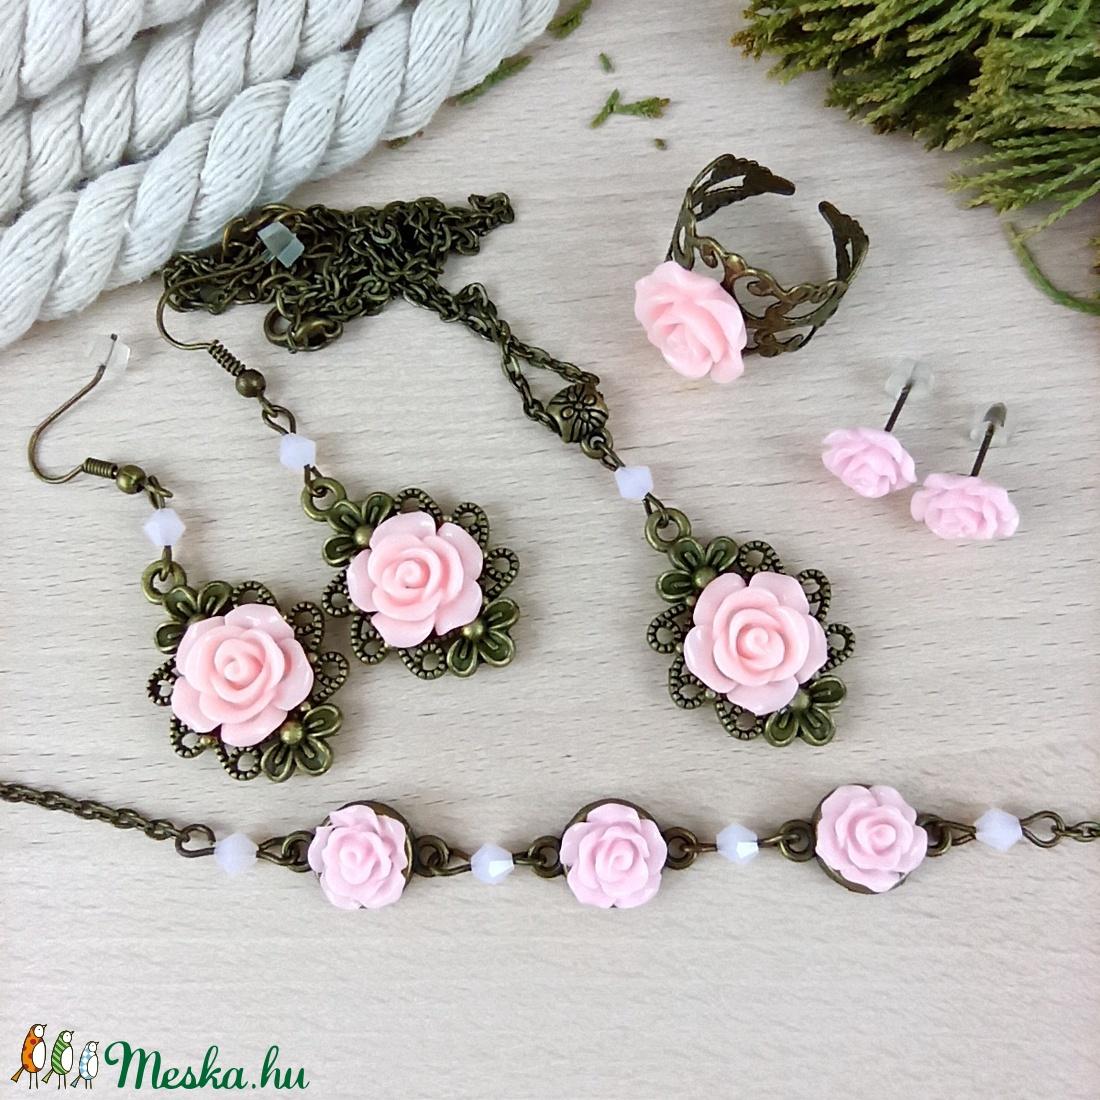 #11 rózsaszín rózsás szett nyaklánc fülbevalók karkötő gyűrű esküvő alkalmi koszorúslány örömanya menyasszony násznagy - ékszer - ékszerszett - Meska.hu